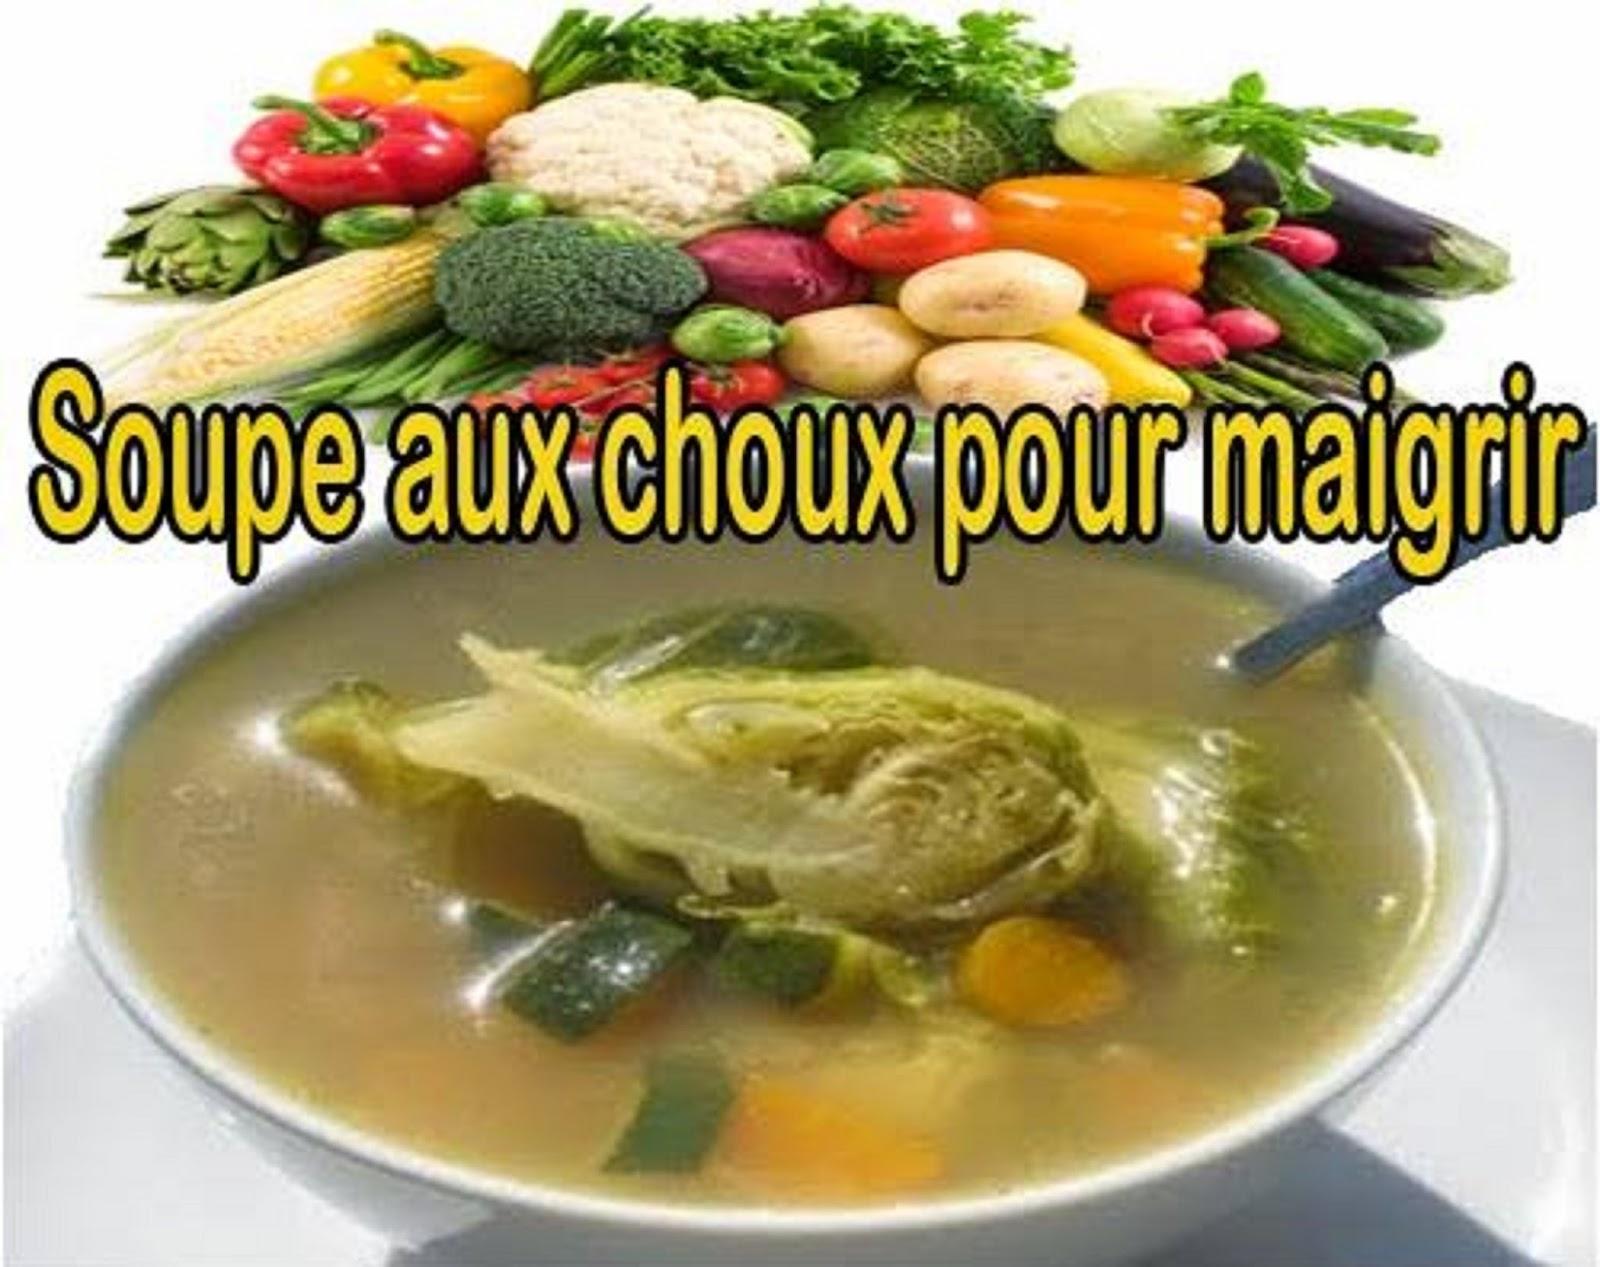 Recette regime brule graisse un site culinaire populaire avec des recettes utiles - Nettoyer graisse brulee four ...